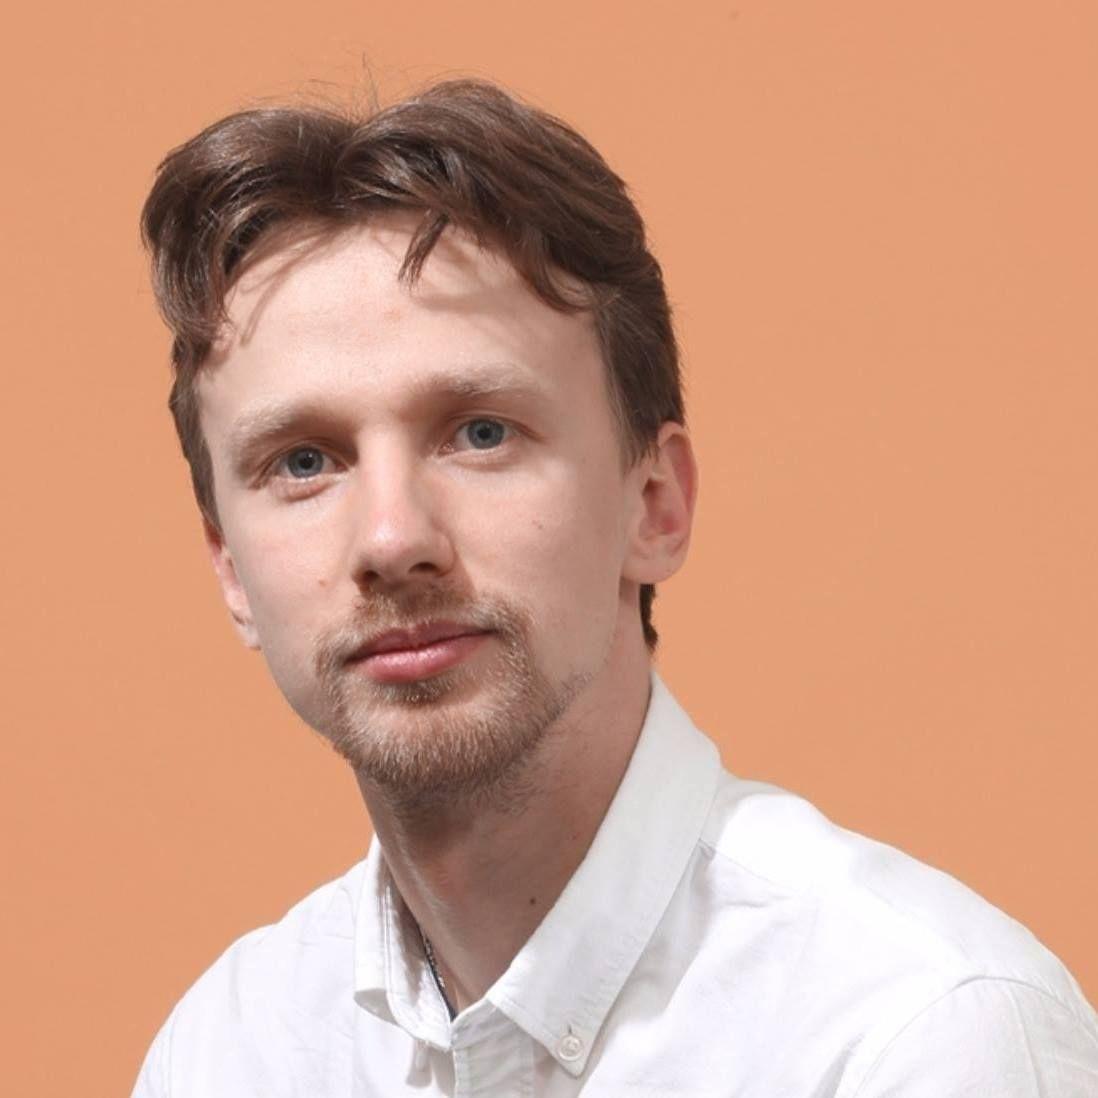 Илья Елпанов